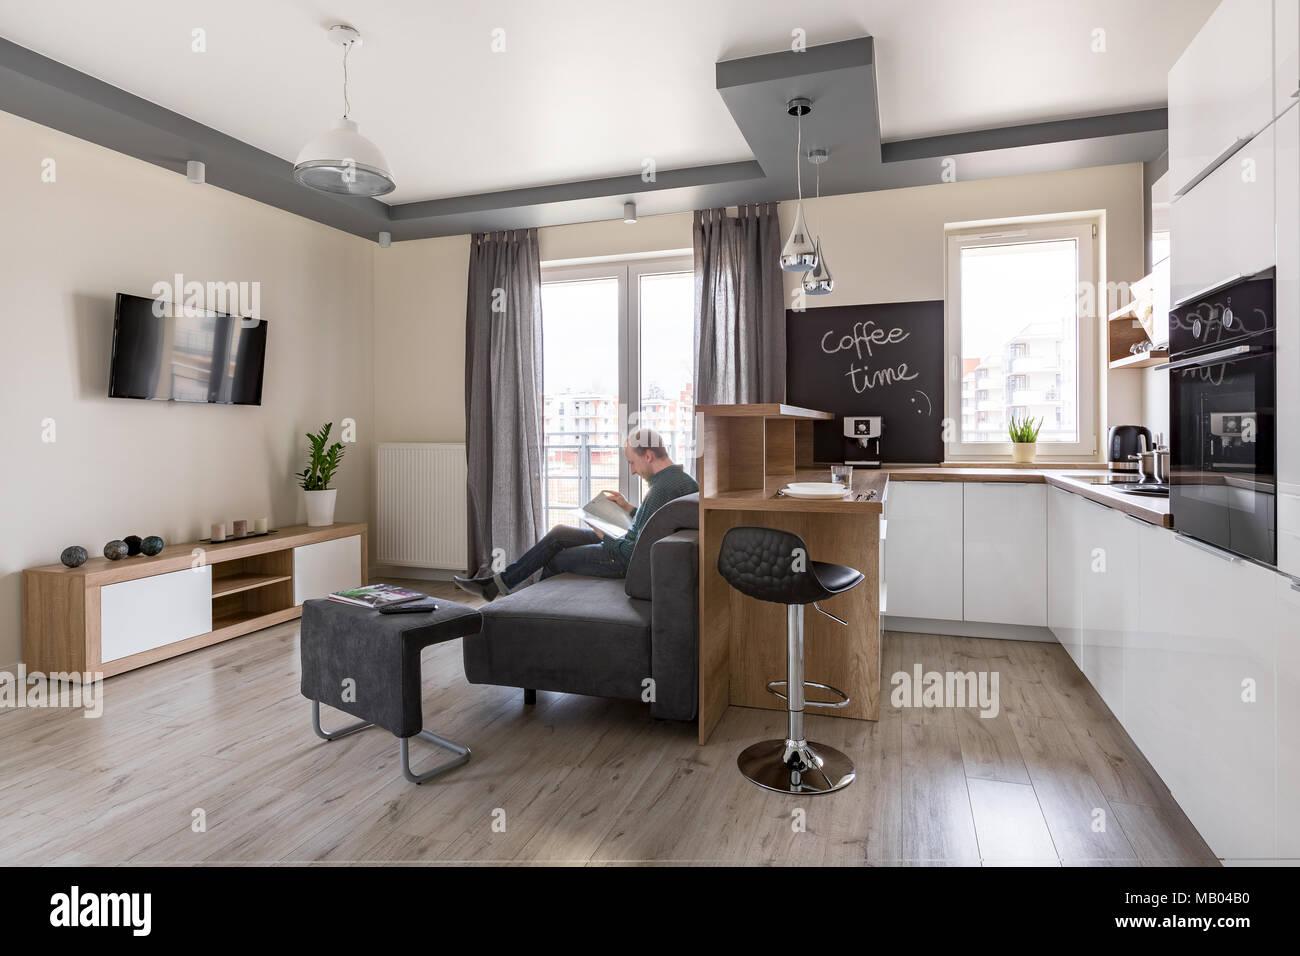 Funktionale und moderne Wohnzimmer mit Kche kombiniert Stockfoto Bild 178868340  Alamy